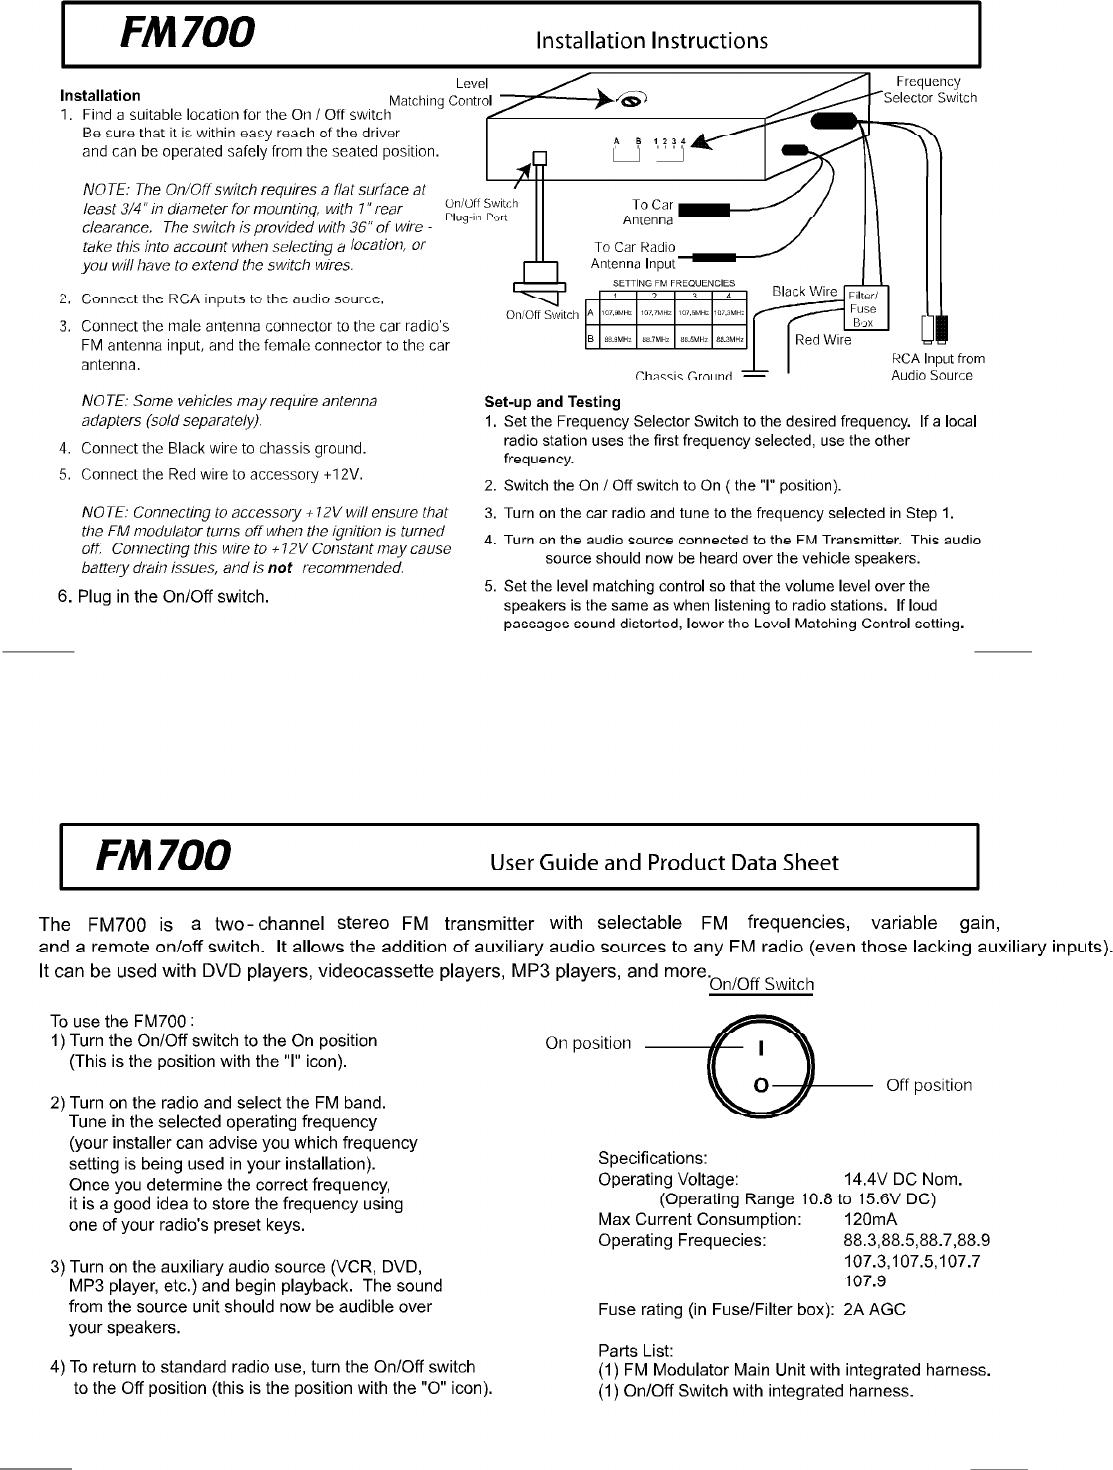 UBUY FM700 FM Stereo Transmitter User Manual FCC Statment